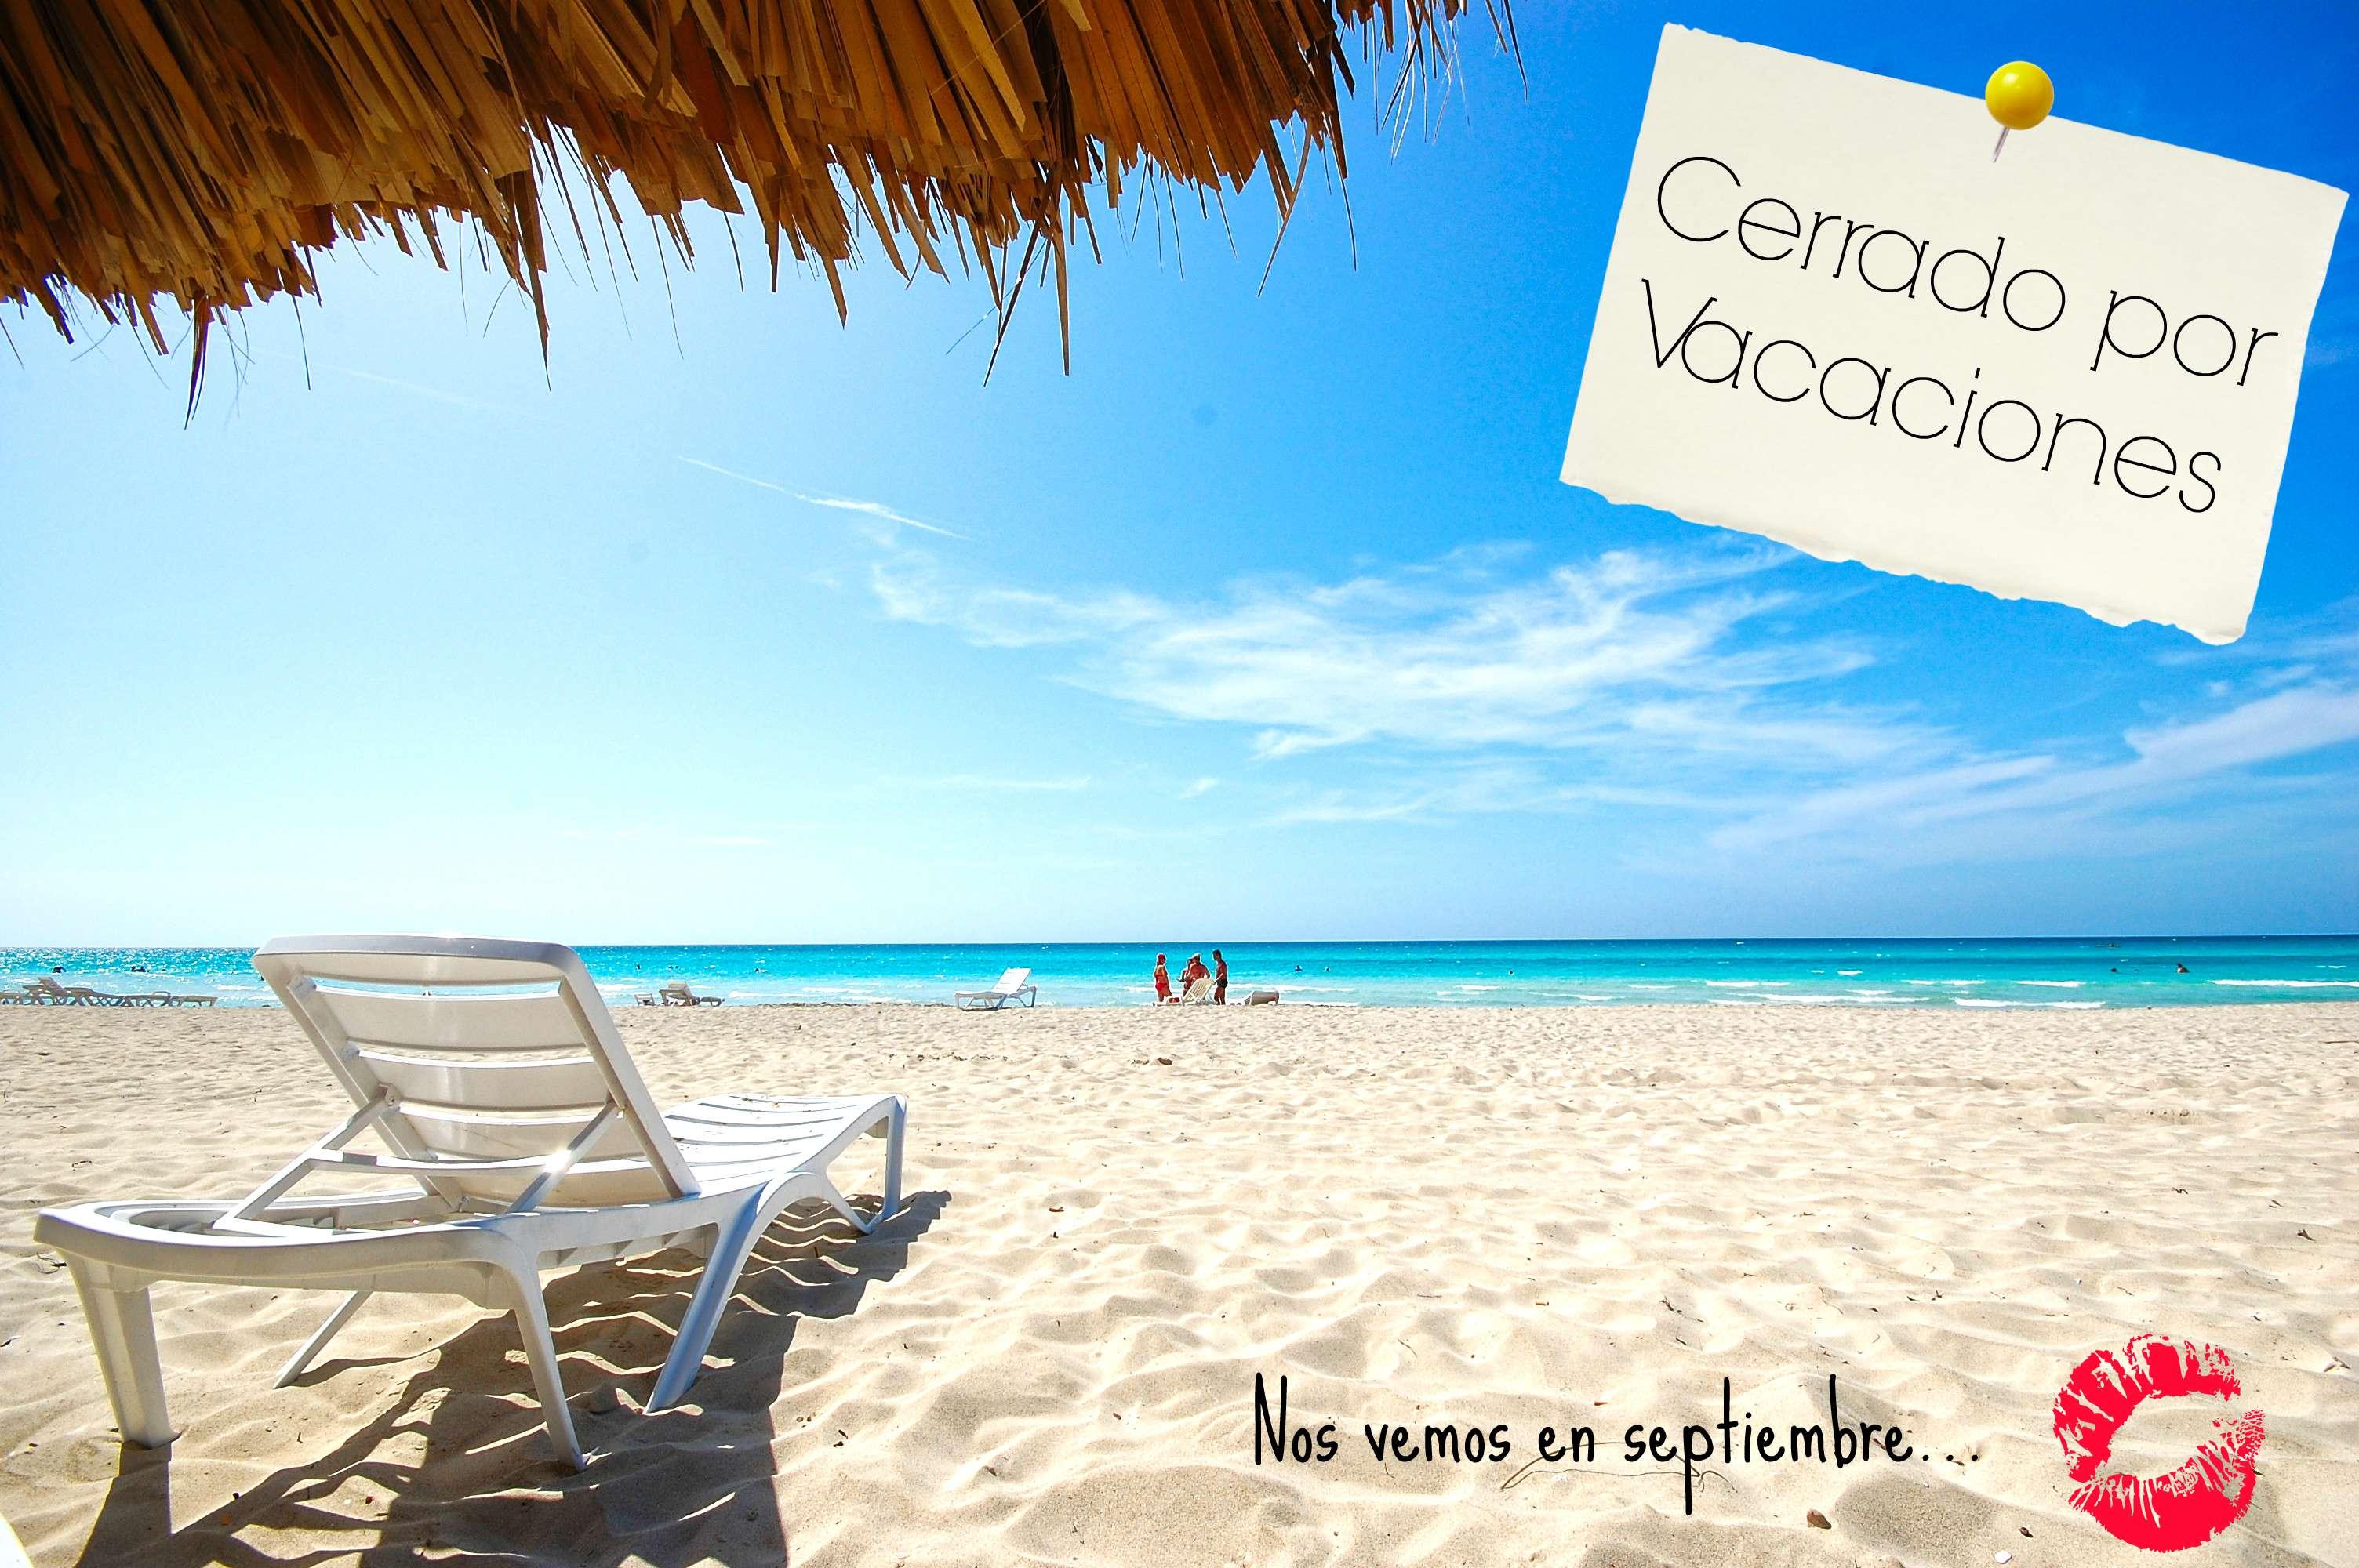 Cerrado por vacaciones el tocador de vero cerrado por vacaciones thecheapjerseys Choice Image